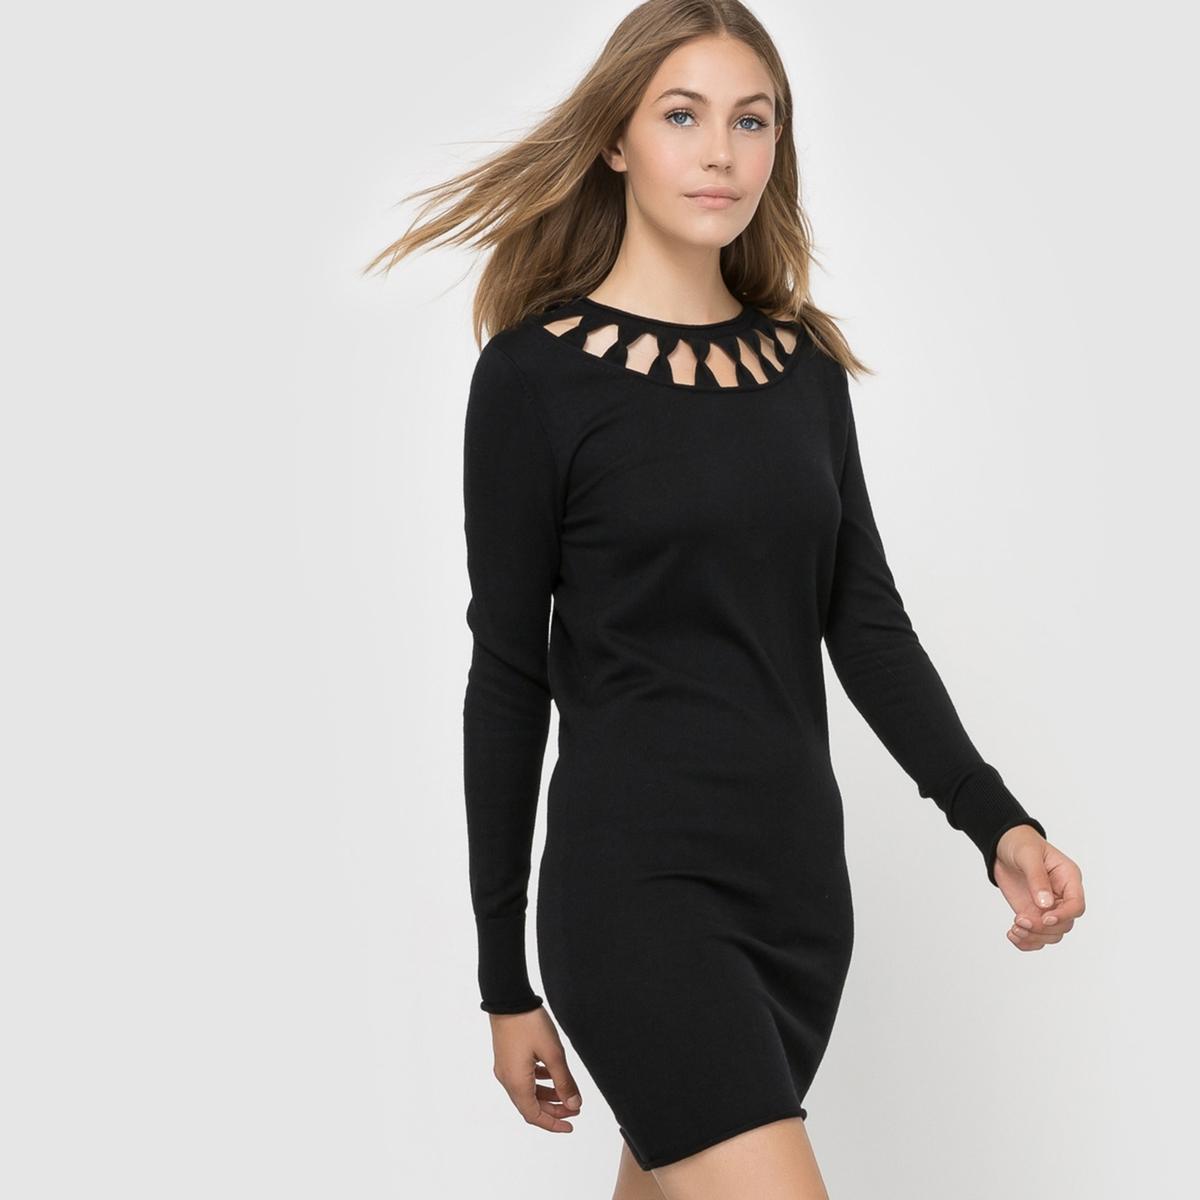 Платье трикотажное с ажурным вырезомТрикотажное платье с ажурным вырезом, French Connection.Очень женственное платье с оригинальным вырезом.Состав и описание : Материал : 45% вискозы, 26% полиамида, 19% хлопка, 10% шерстиМарка : French ConnectionДлинные рукава.<br><br>Цвет: черный<br>Размер: L